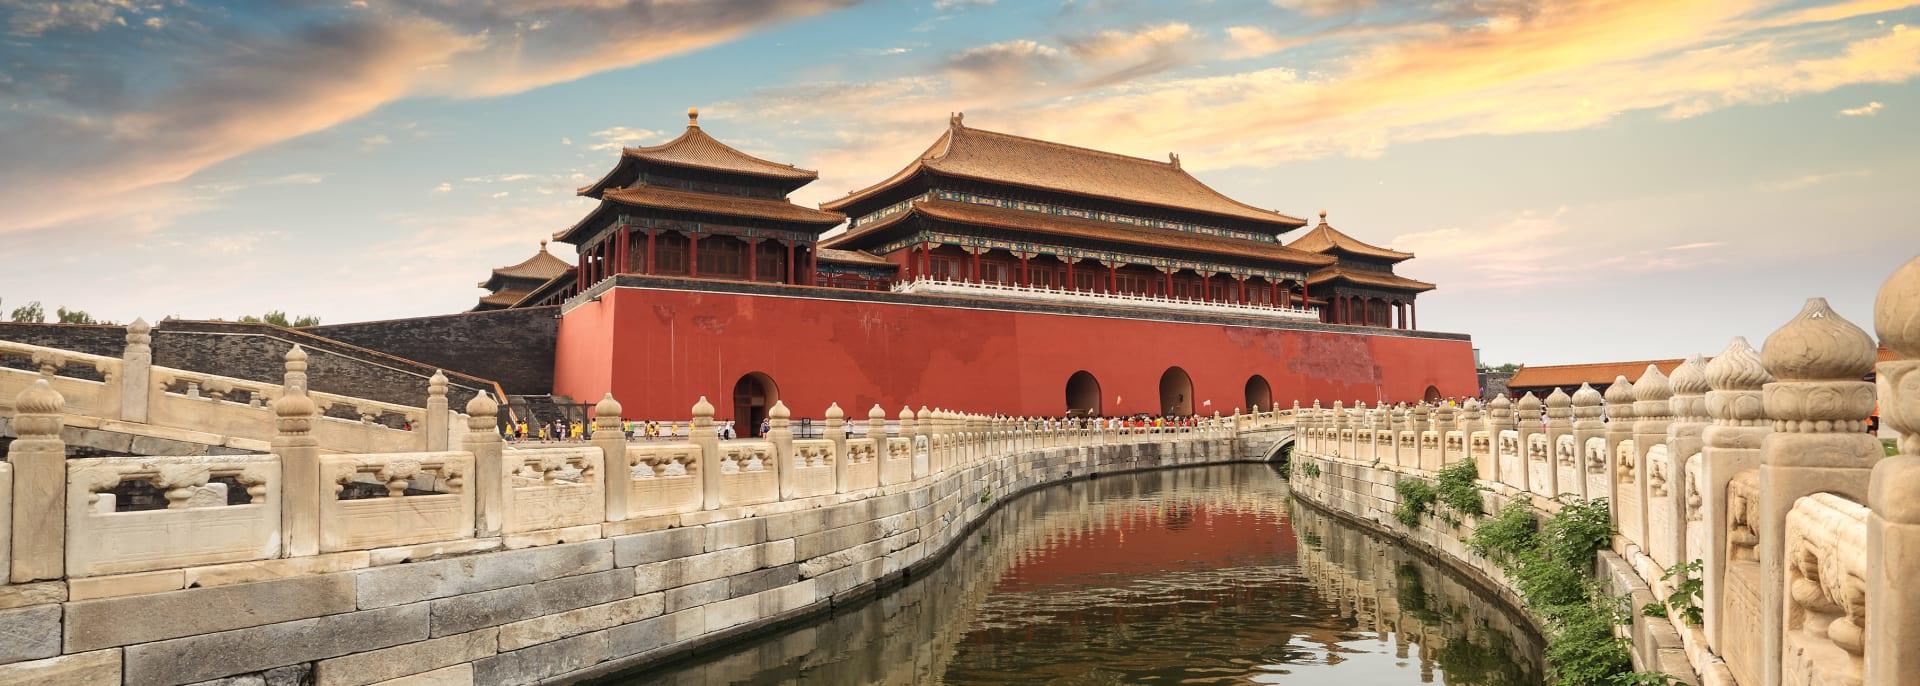 Verbotene Stadt, Peking, China